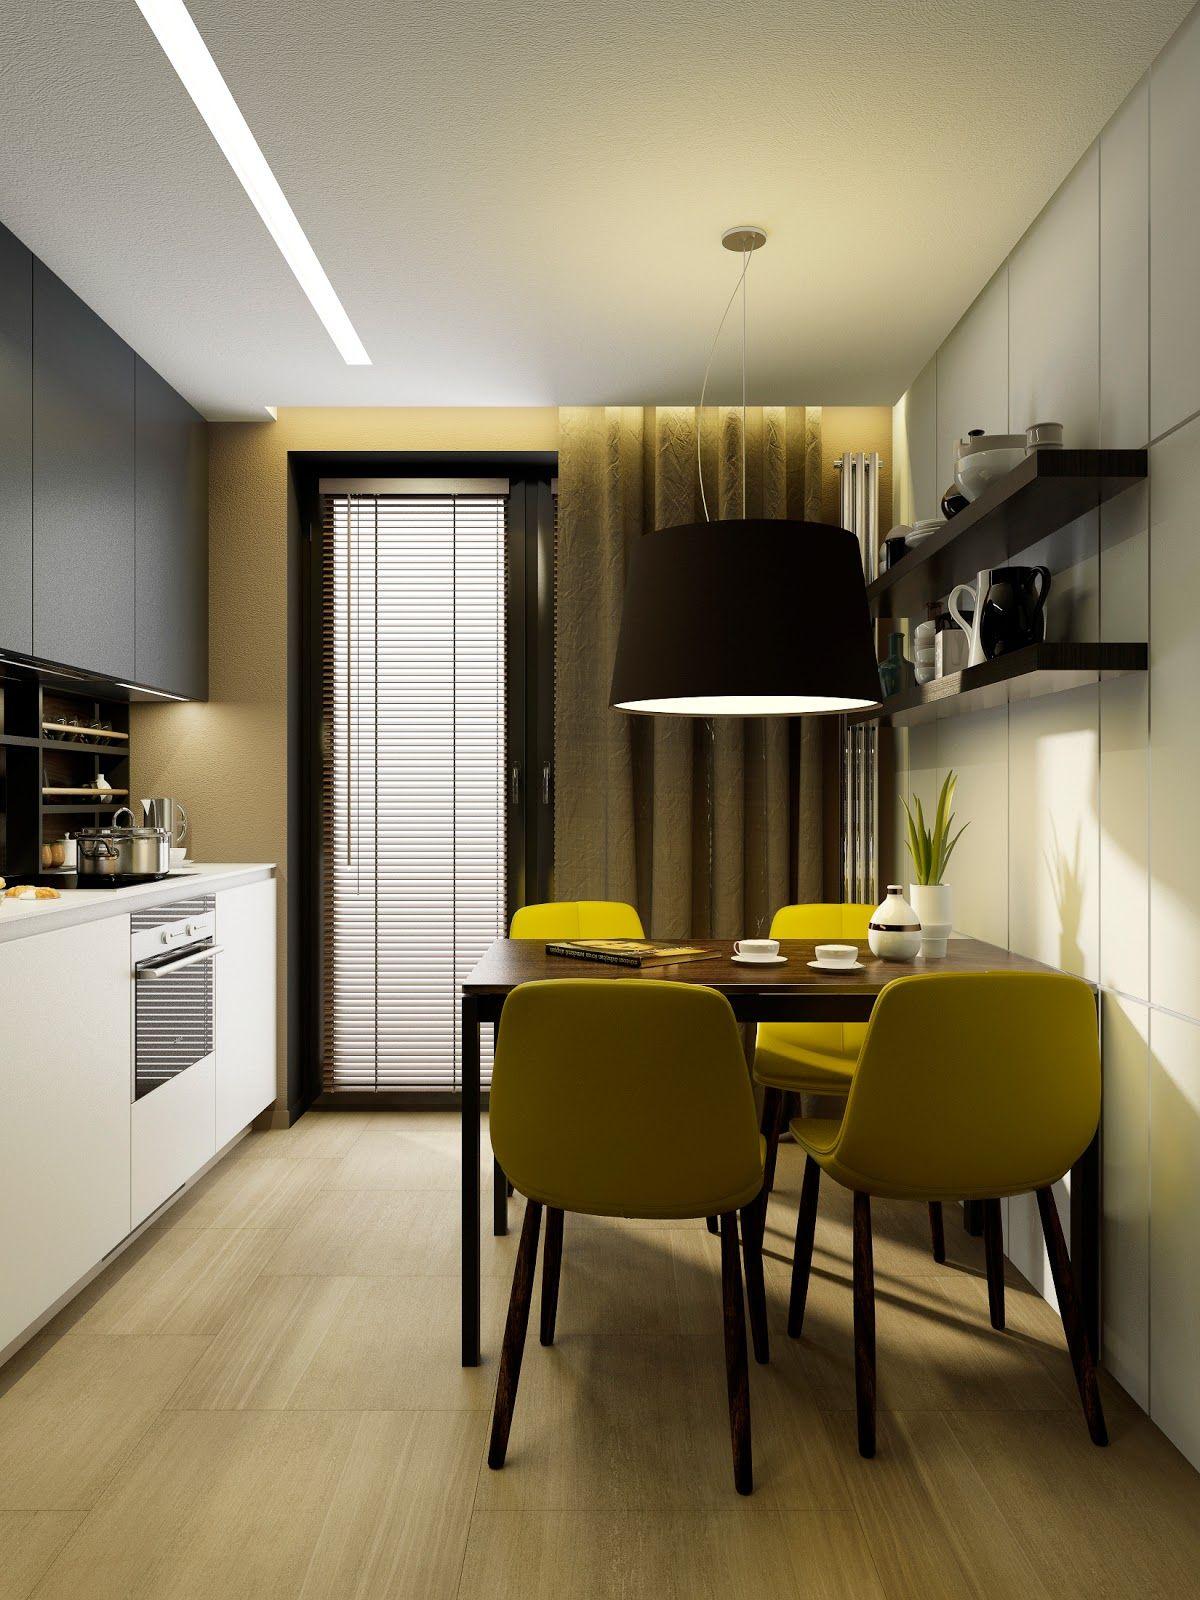 Дизайн однокомнатной квартиры МаРенькая кухня от Макса Касымова